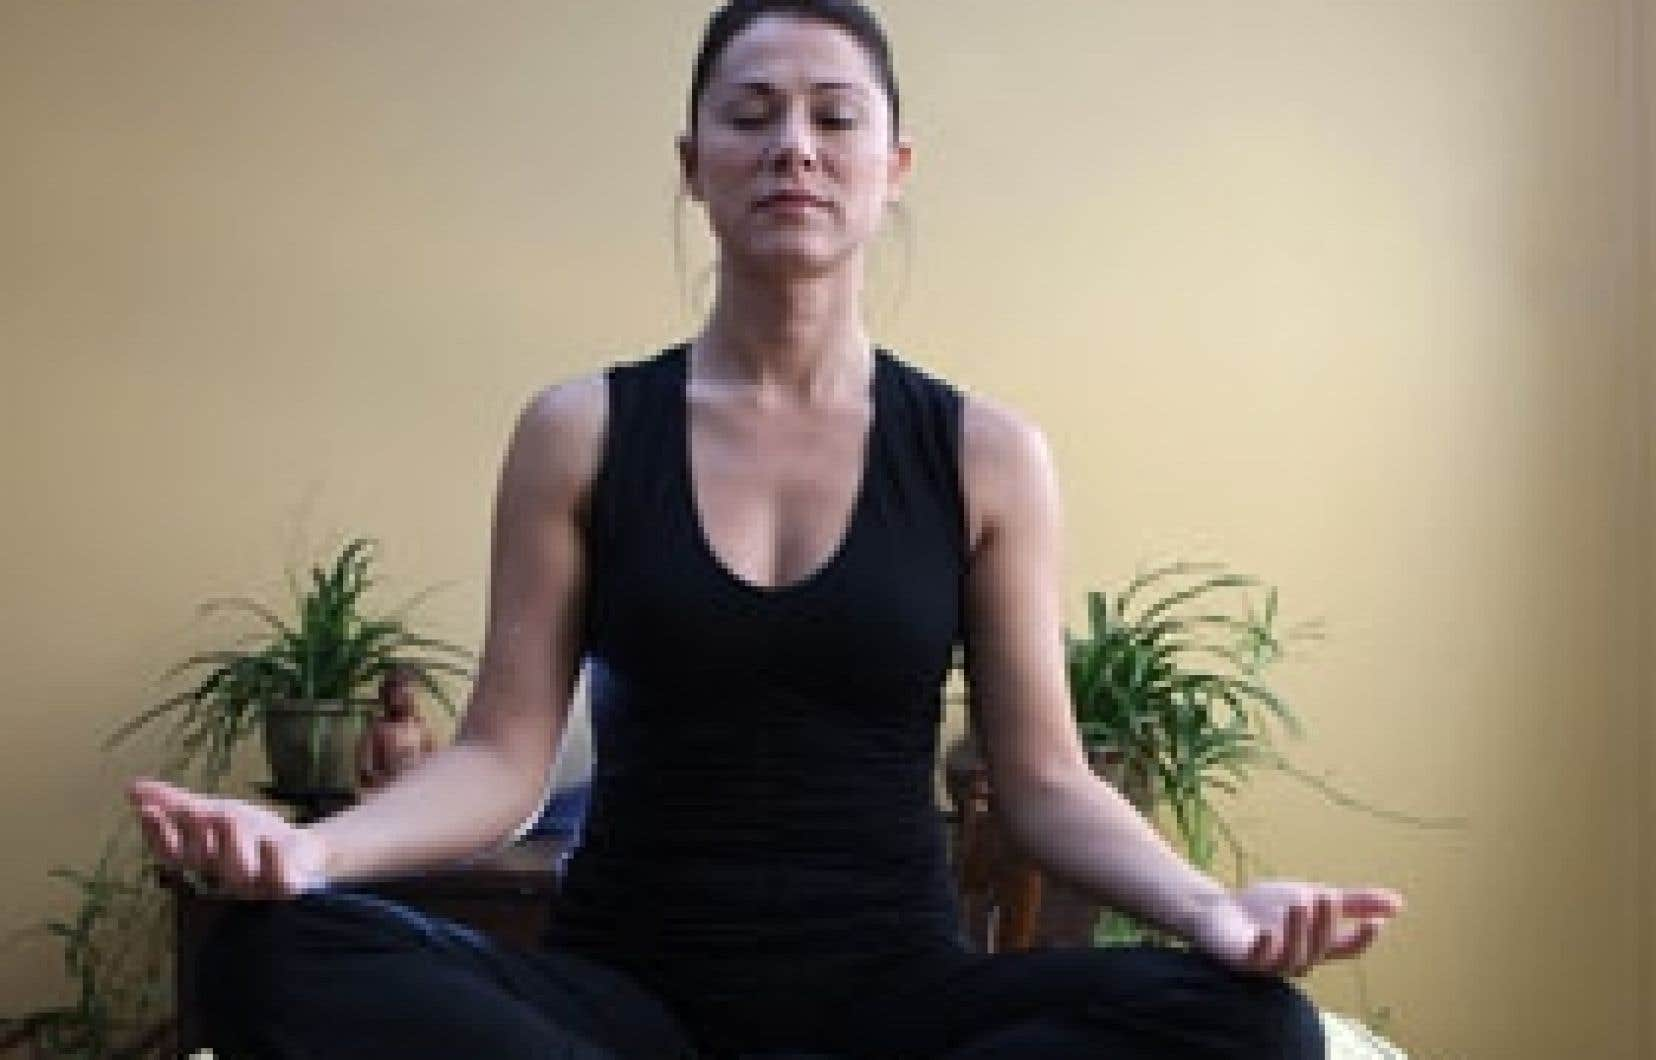 La méditation peut contribuer à la guérison de diverses maladies et à la prévention d'autres maux. Méditer permet aussi de se centrer sur le présent, de se tenir à l'écart des ruminations négatives et de se déconnecter de cette spirale inf